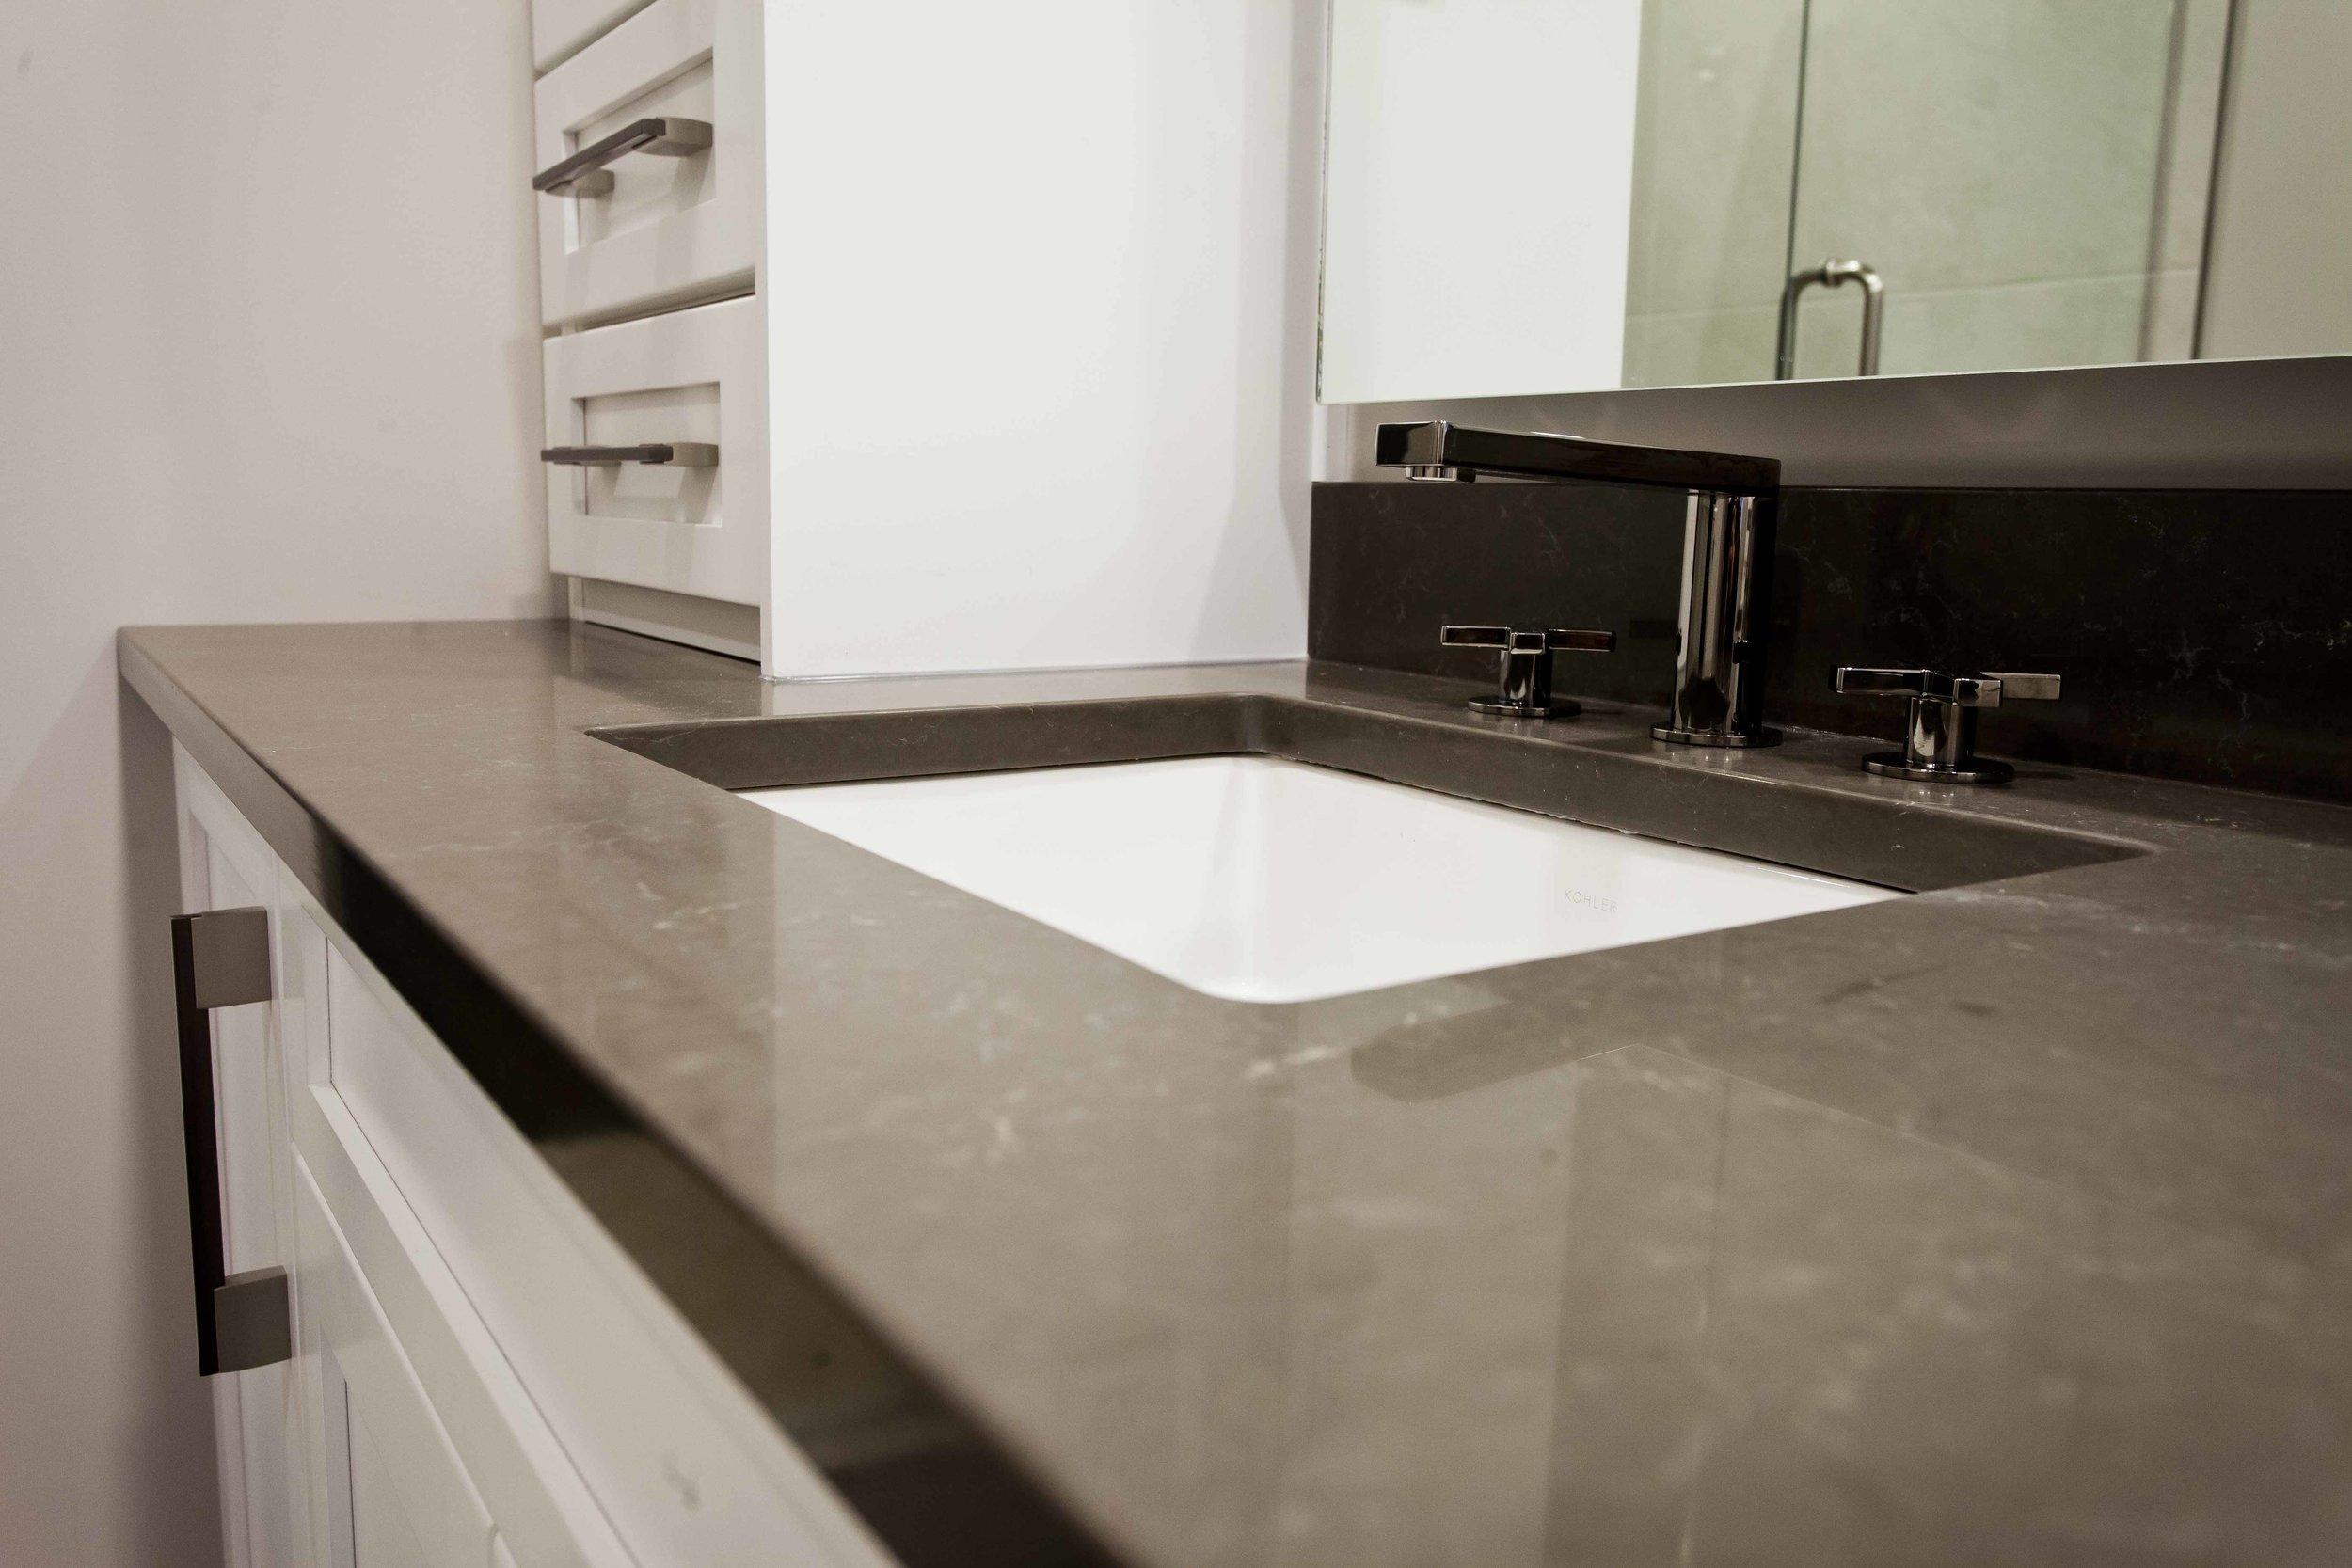 A Handsome Master Bathroom Design Workshop Cabinets